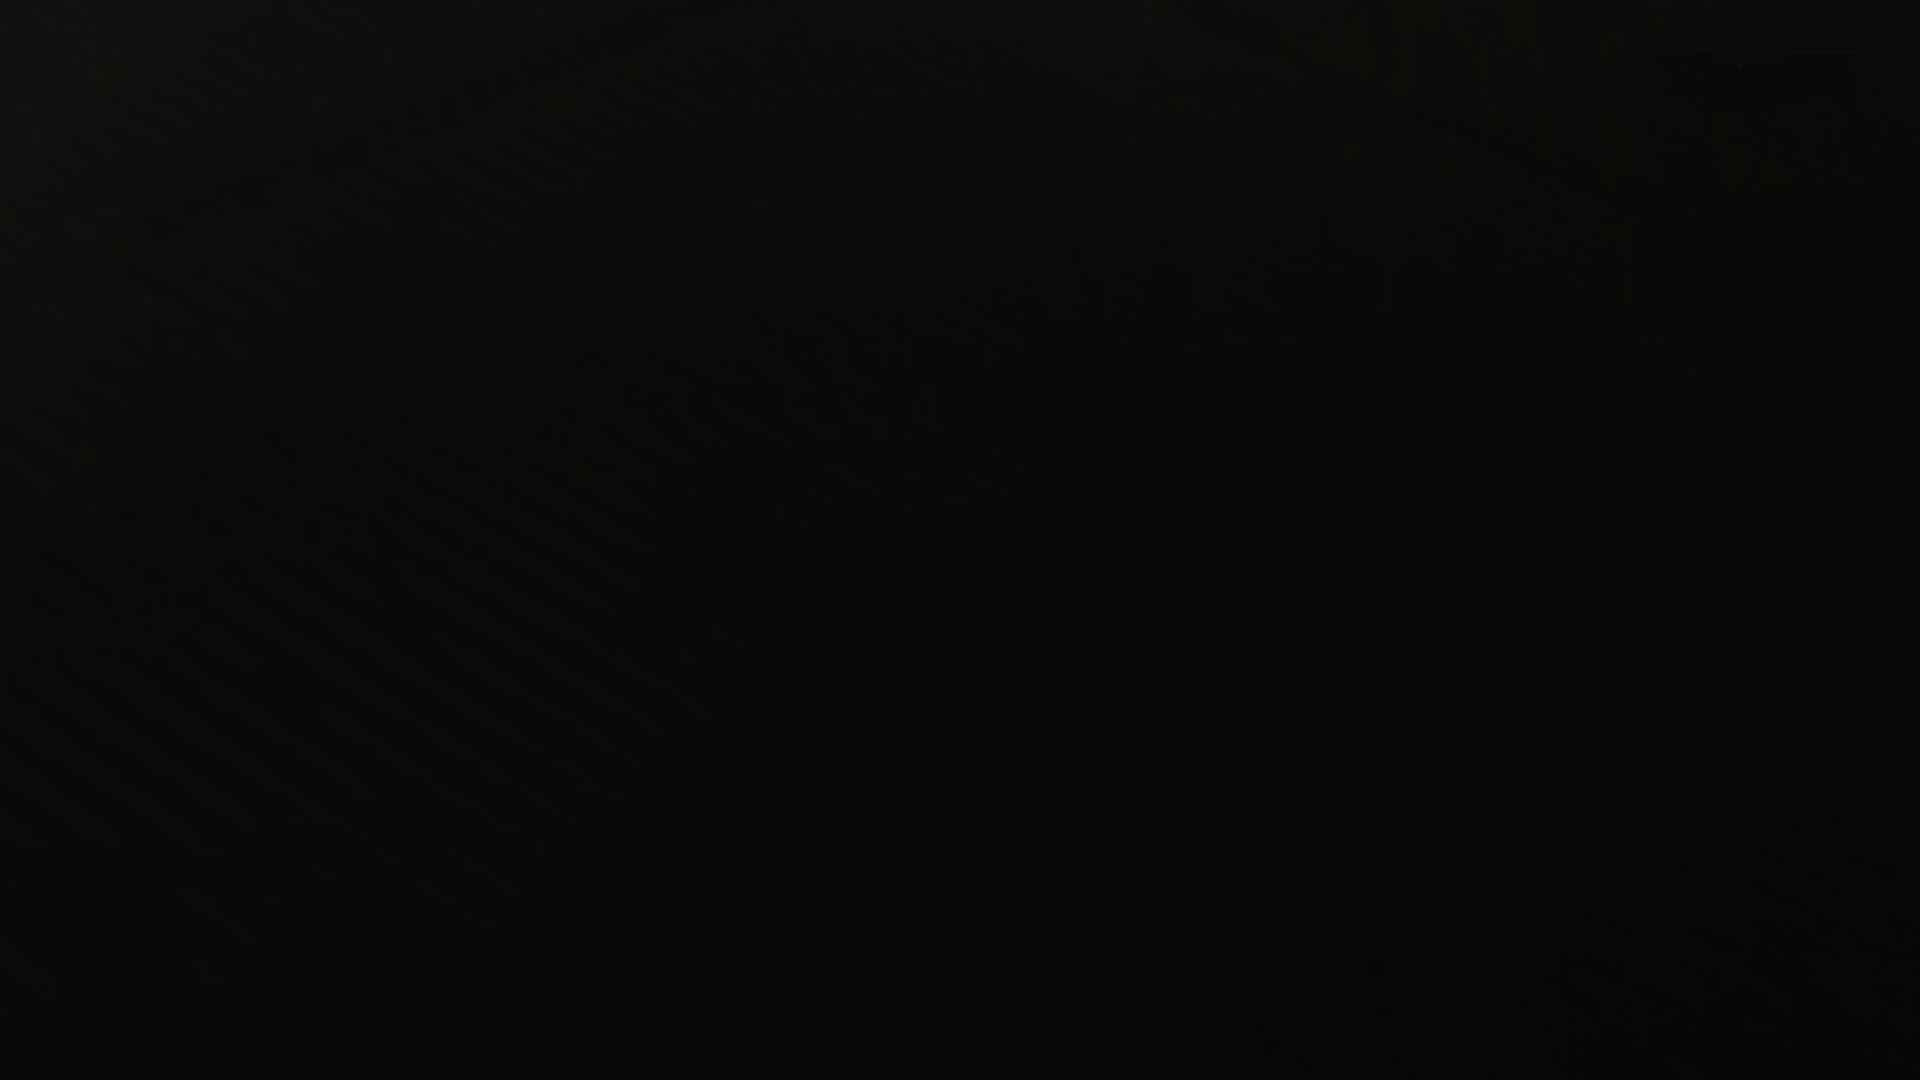 芸術大学ガチ潜入盗撮 JD盗撮 美女の洗面所の秘密 Vol.107 トイレ盗撮  111枚 13